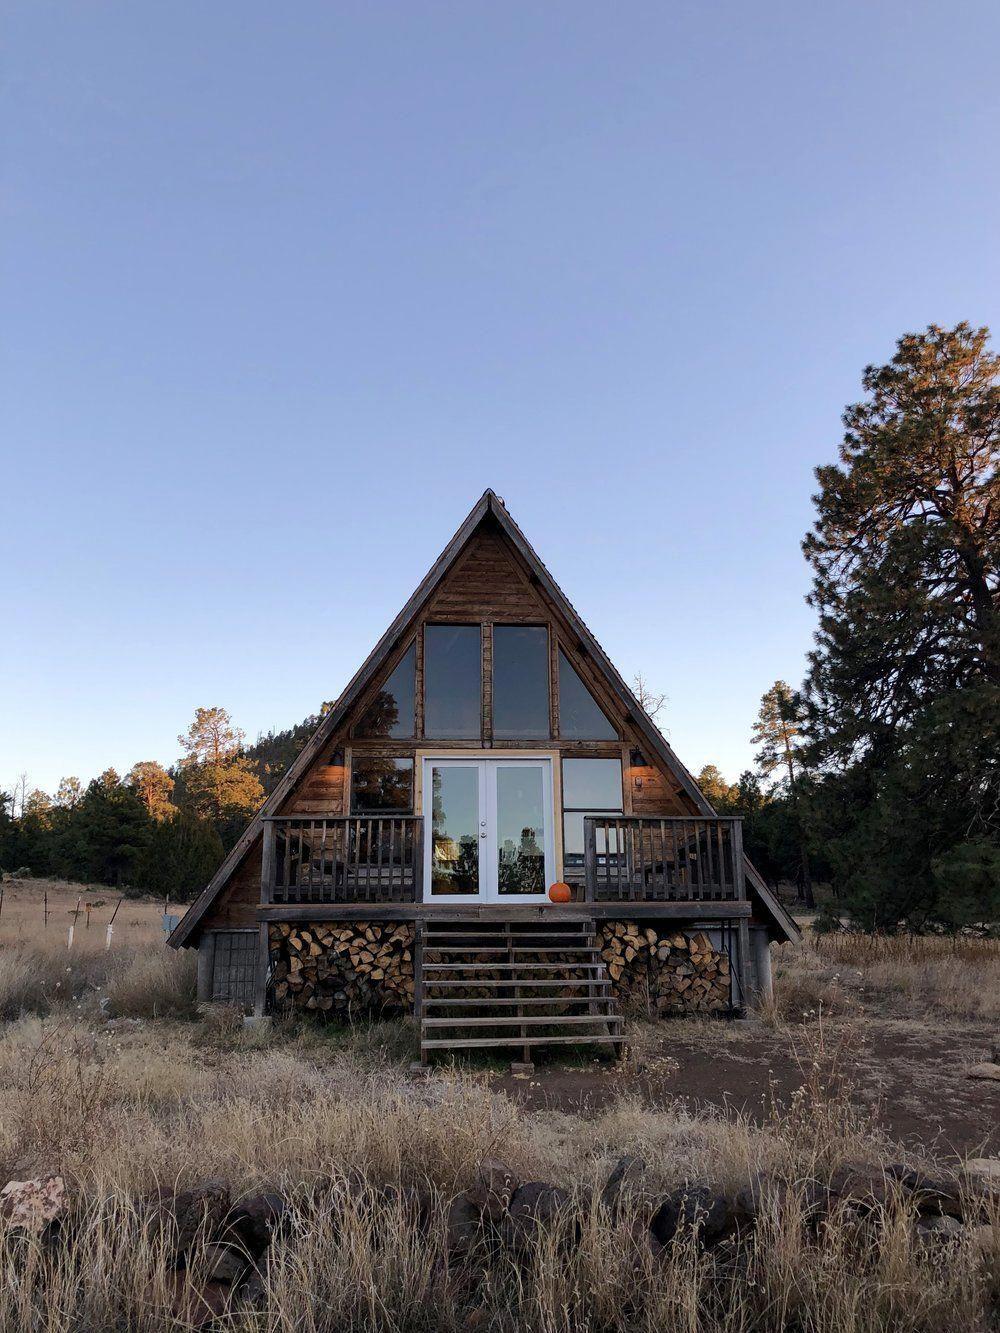 A Frame Cabin Near Grand Canyon Flagstaff Az Amanda